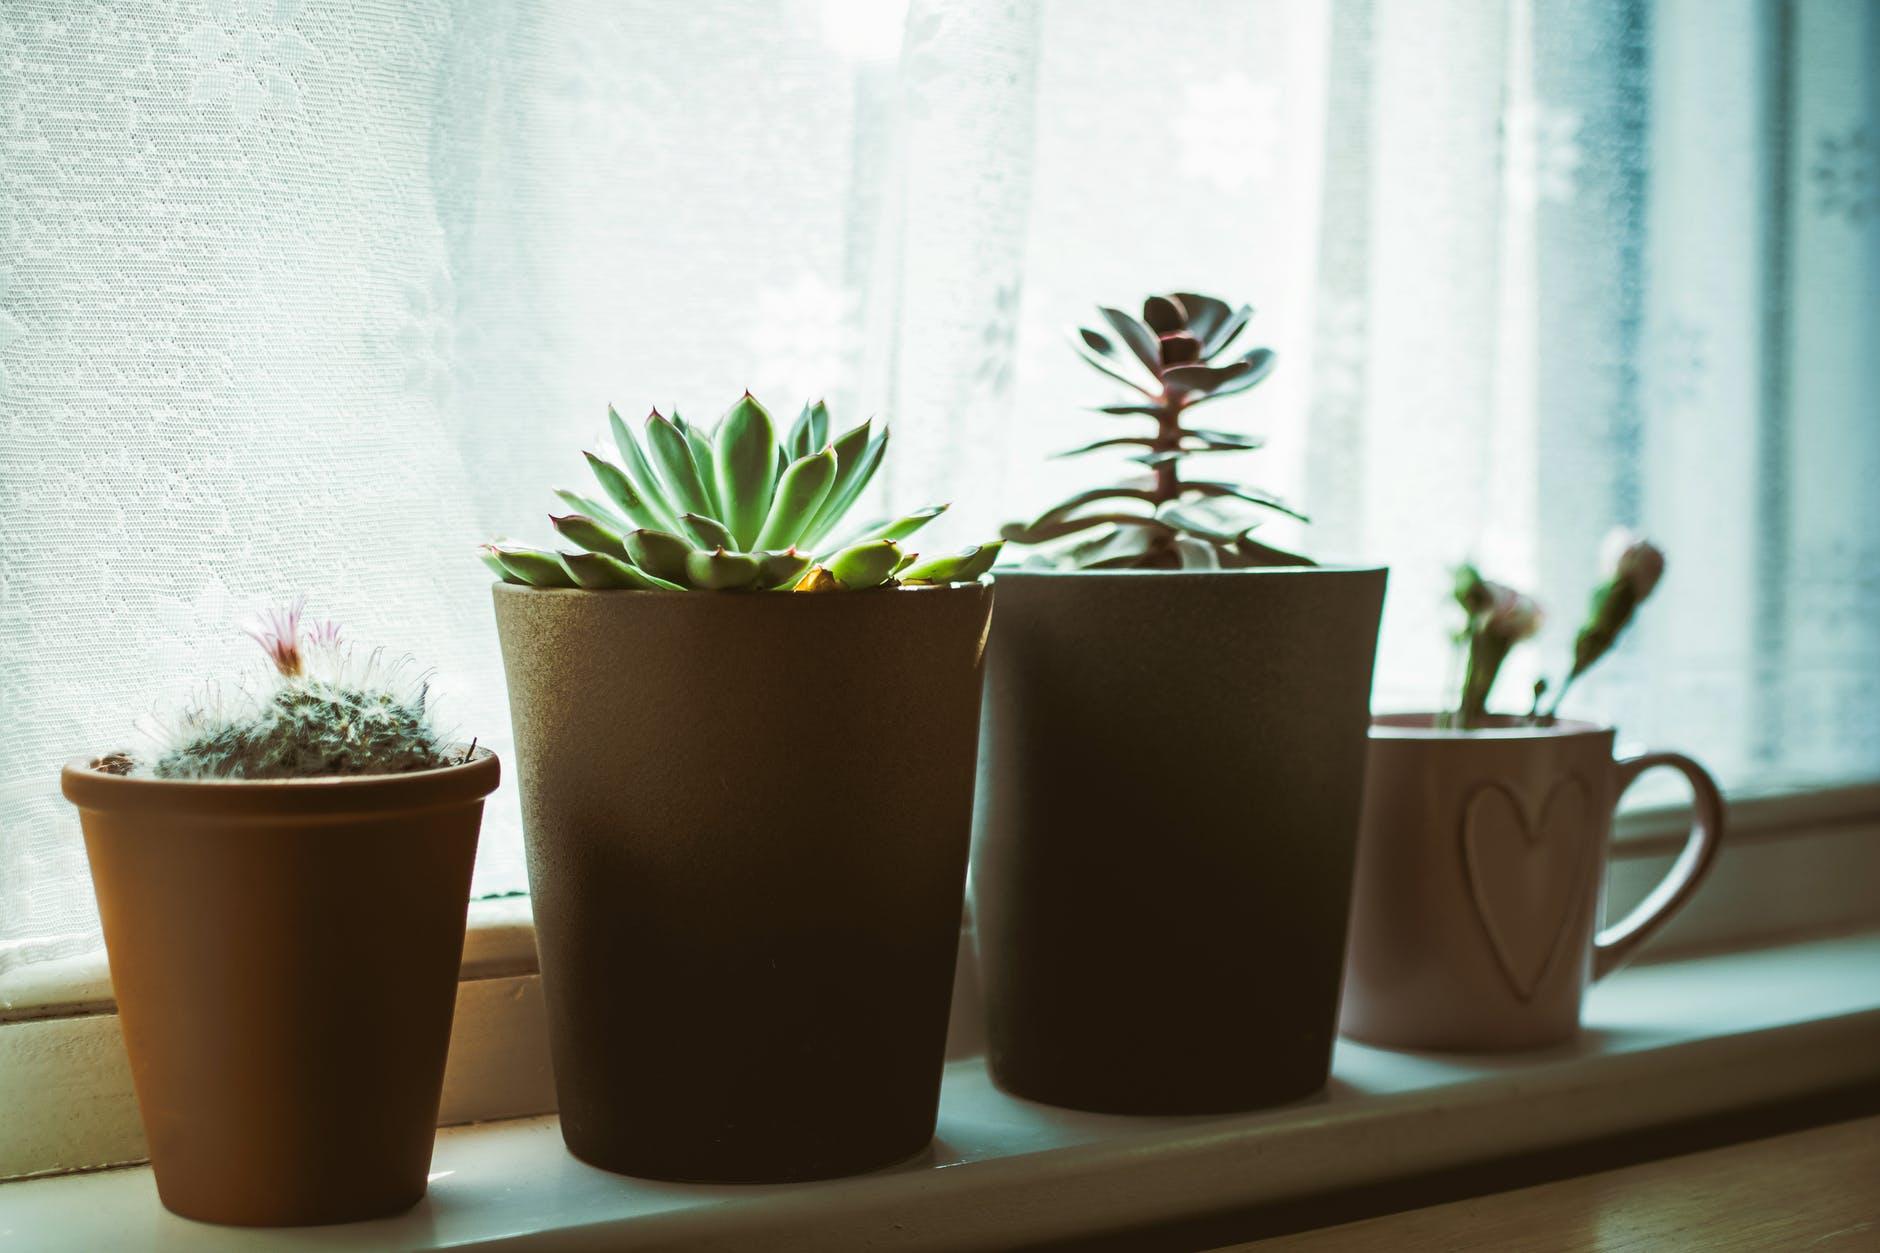 evde çiçek bakımı, flower care